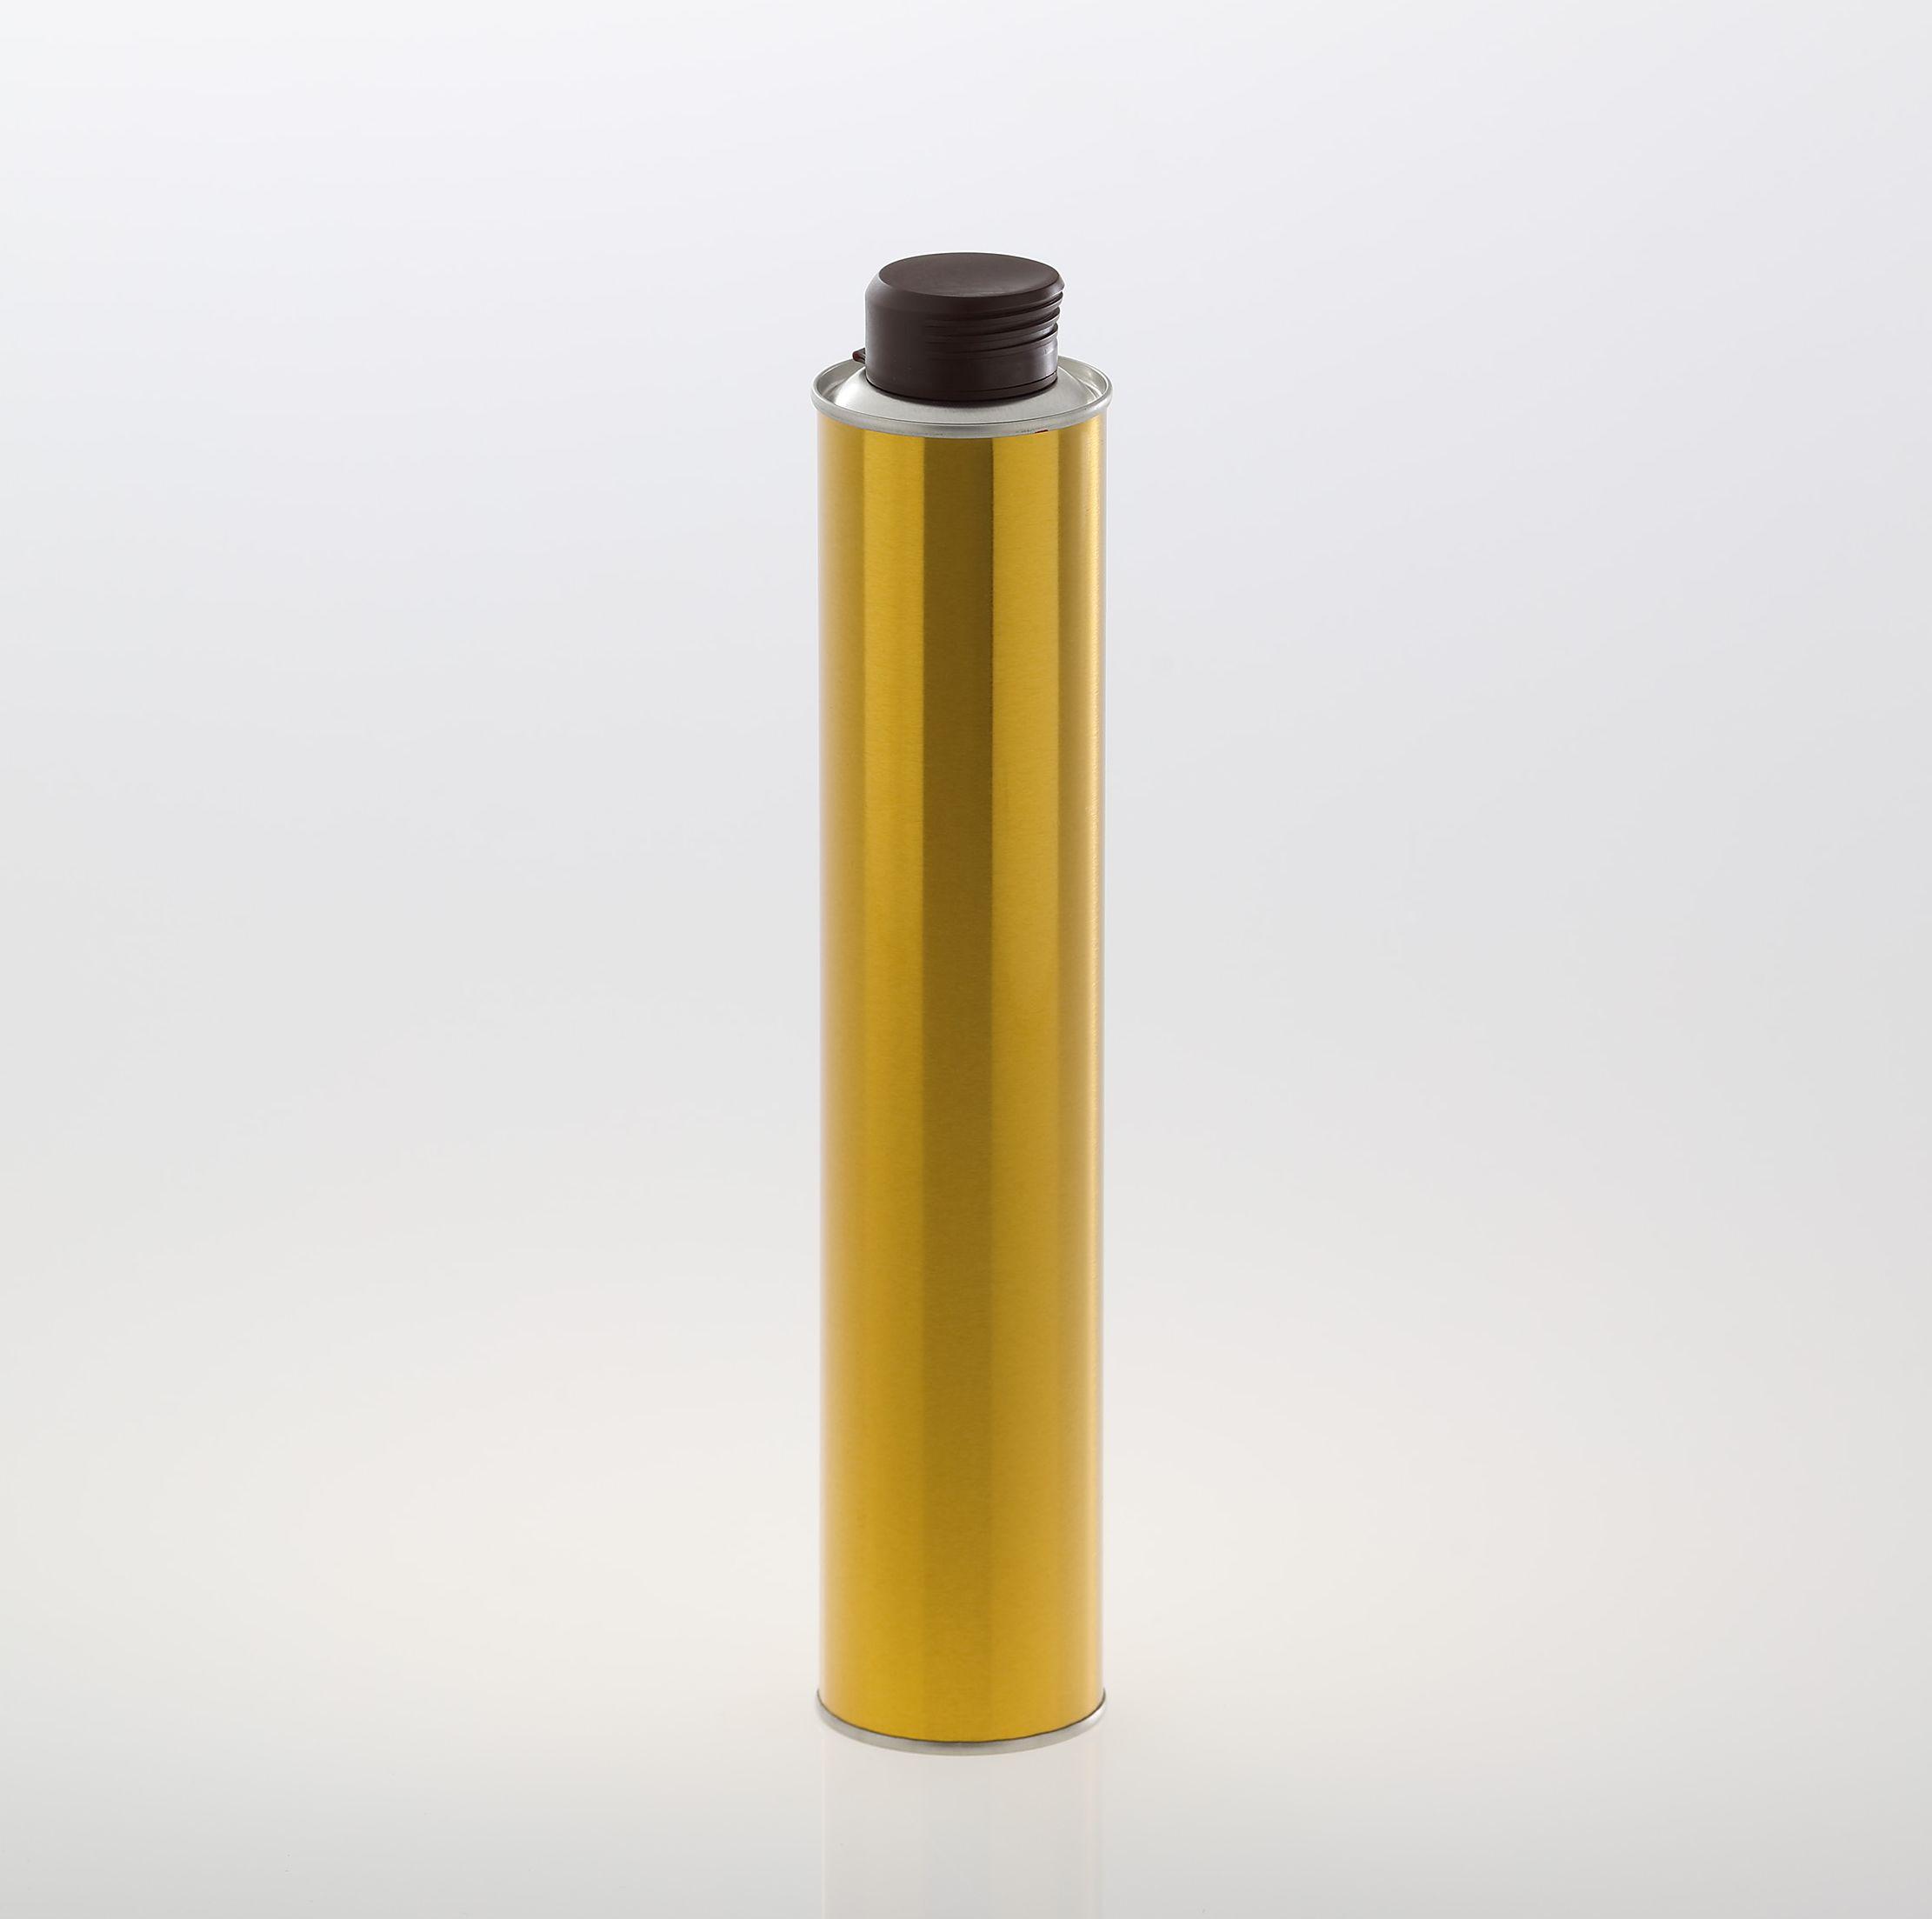 Nutritional Oil Bottle gold 500 ml